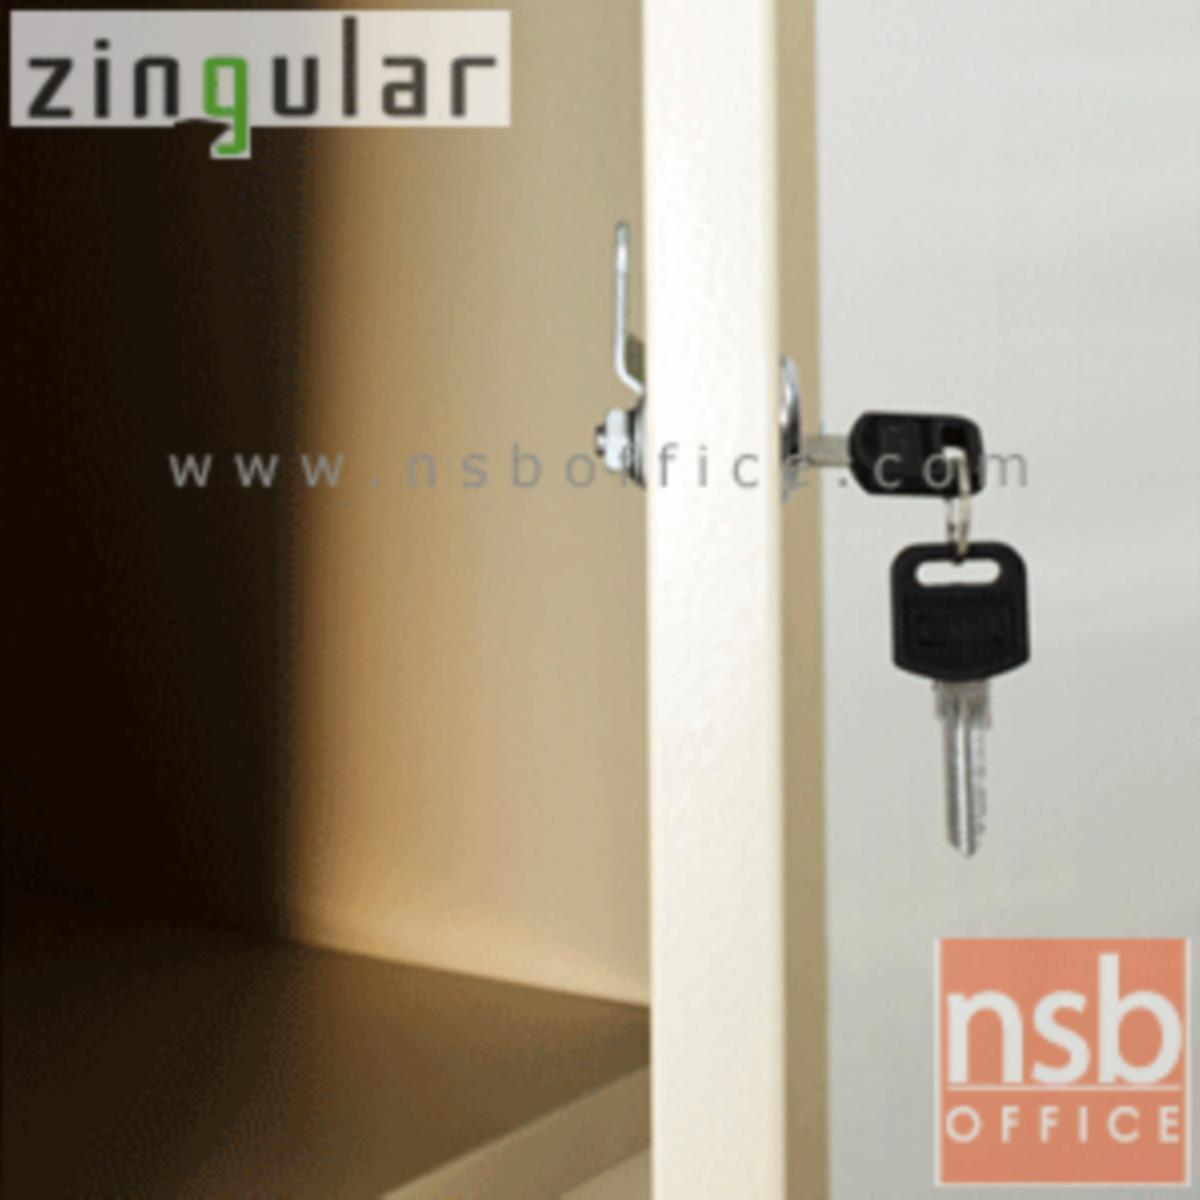 ตู้เหล็กล็อคเกอร์ 9 ประตู กุญแจแยก รุ่น ZLK-6109